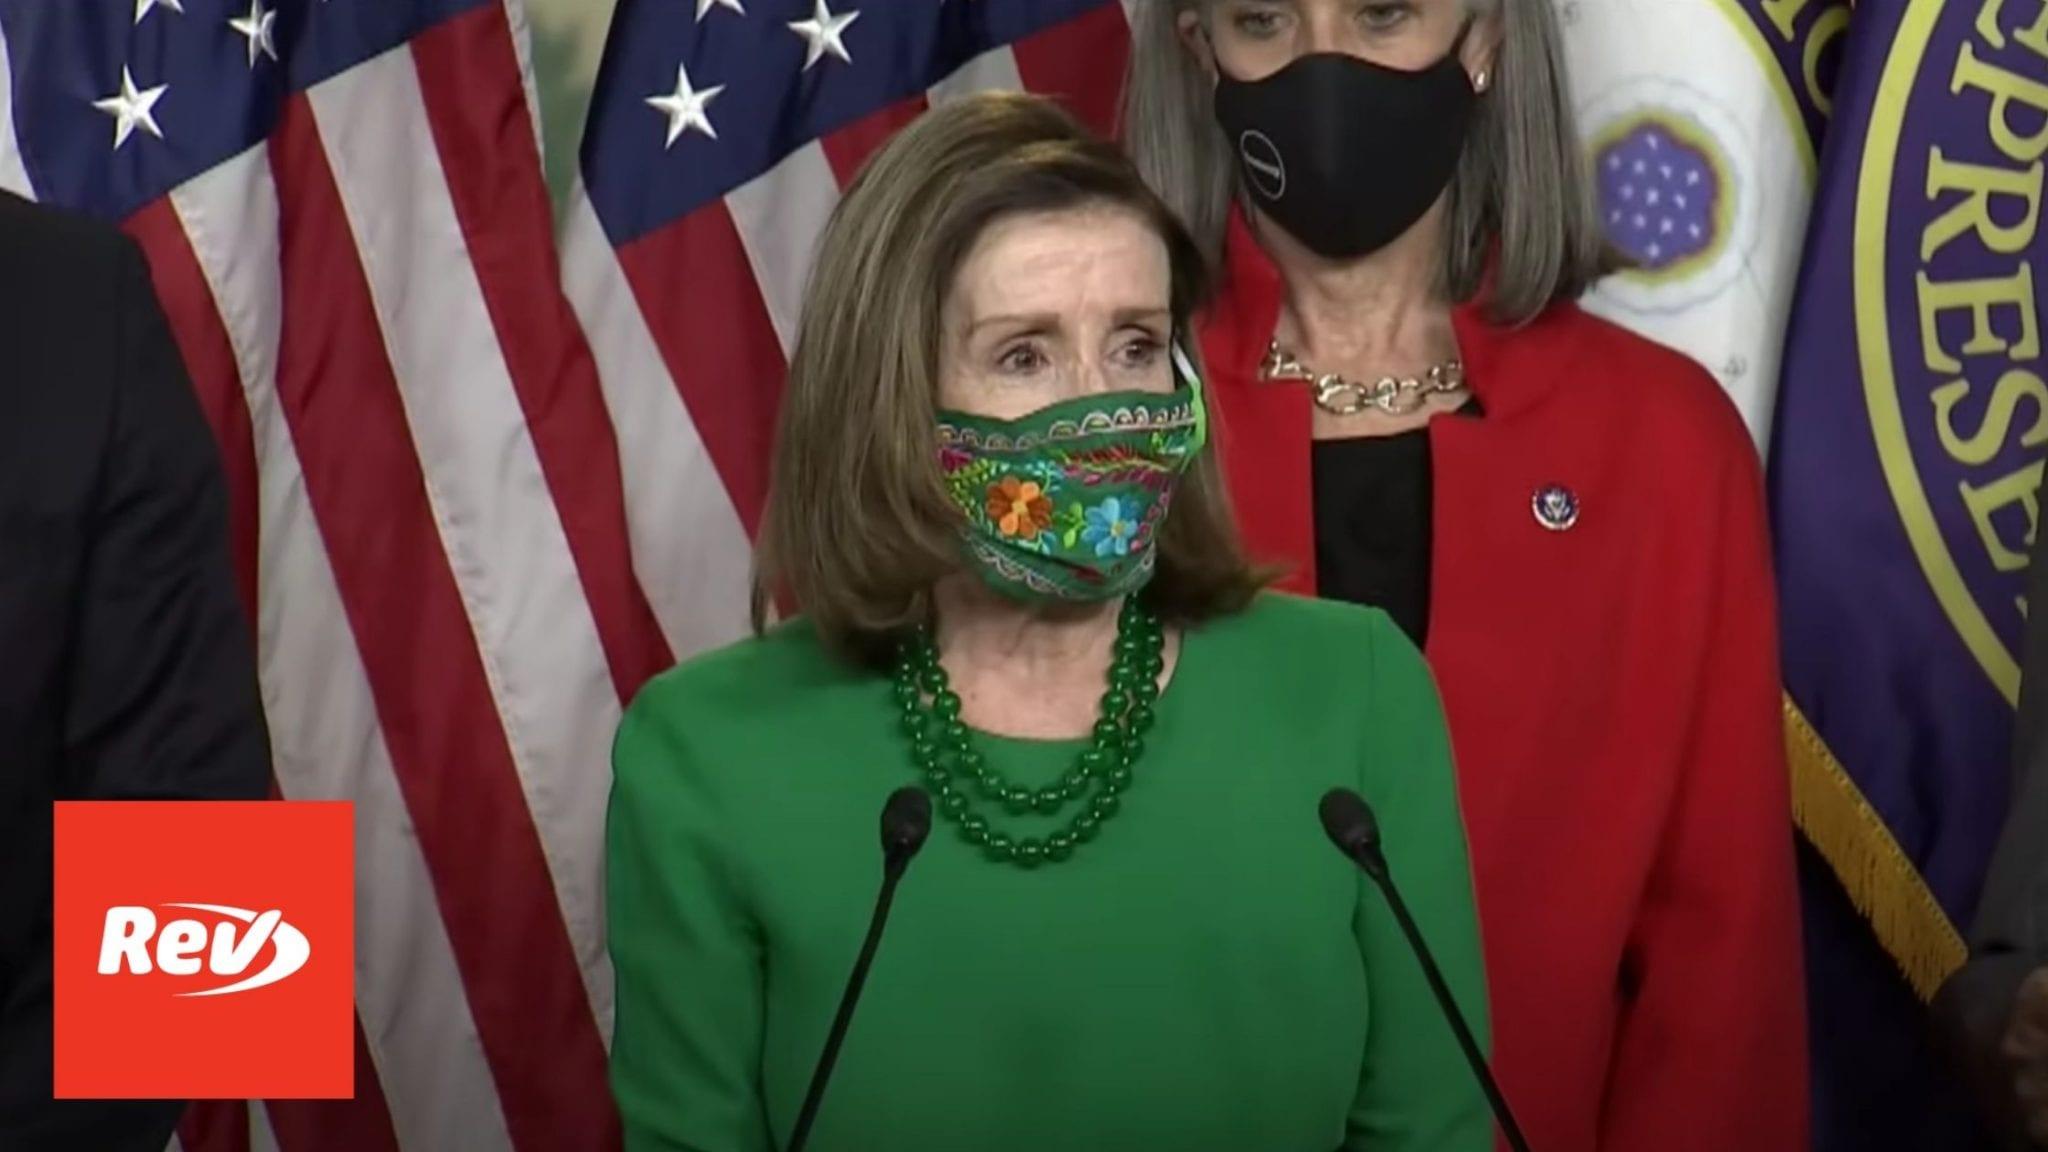 Nancy Pelosi House Democrats Press Conference on COVID-19 Relief Bill Transcript February 26